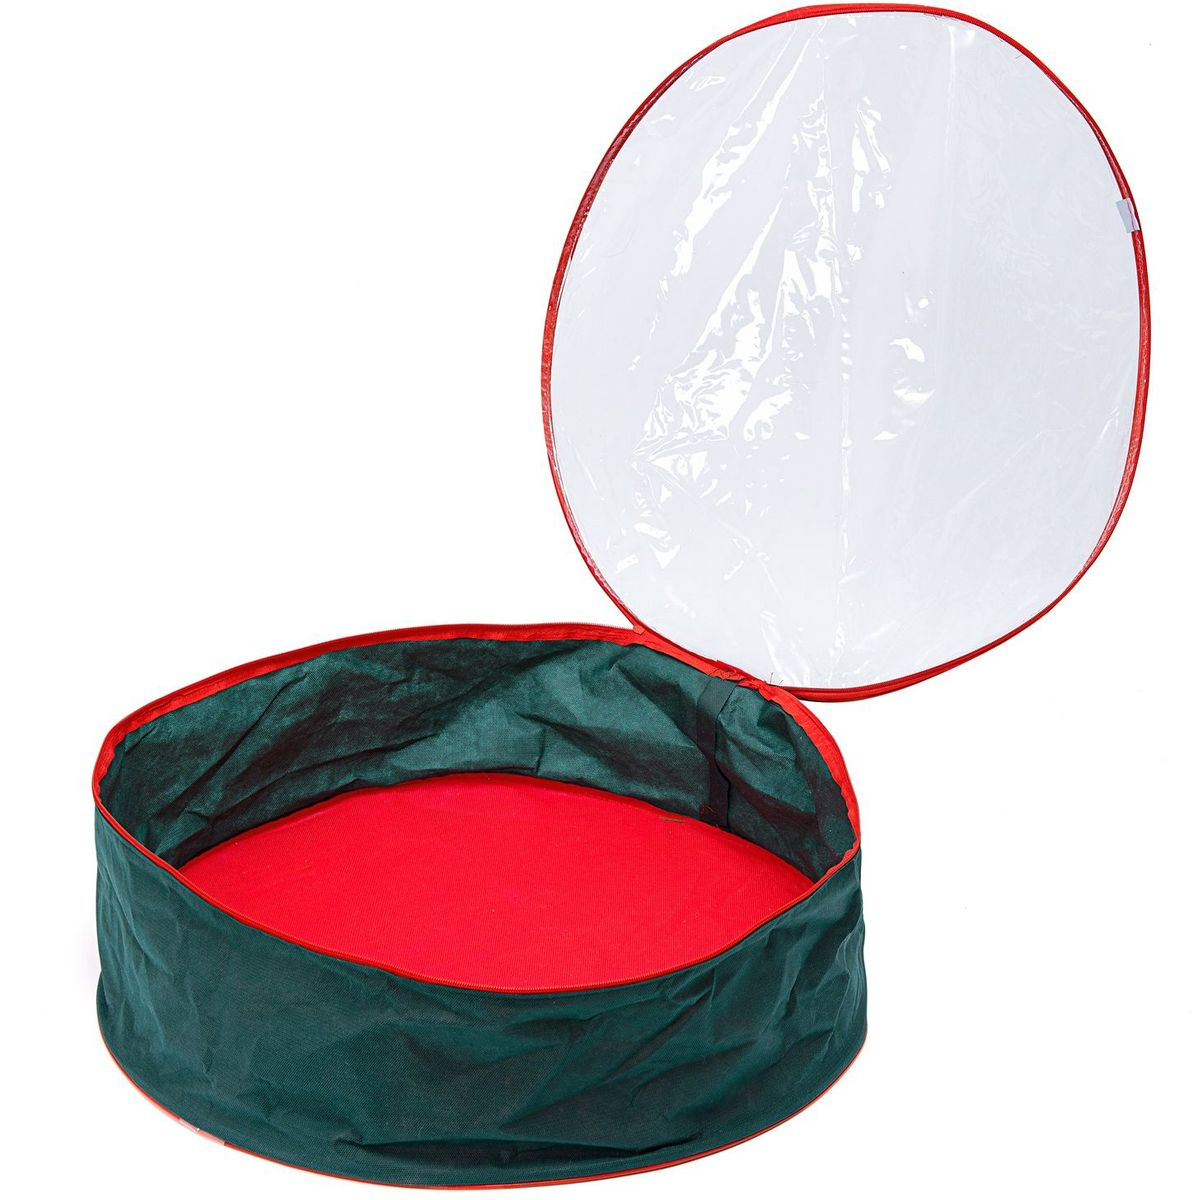 Кофр для хранения вещей Homsu New Year, плоский, цвет: зеленый, 20 х 60 смHOM-736Кофр для хранения вещей плоский Homsu New Year выполнен из высококачественного материала. Изделие содержит одно вместительное отделение, которое закрывается на застежку-молнию. Кофр идеально подойдет для хранения новогодней мишуры и гирлянд. Выполнен в традиционной новогодней расцветке.Диаметр кофра: 60 см.Высота кофра: 20 см.